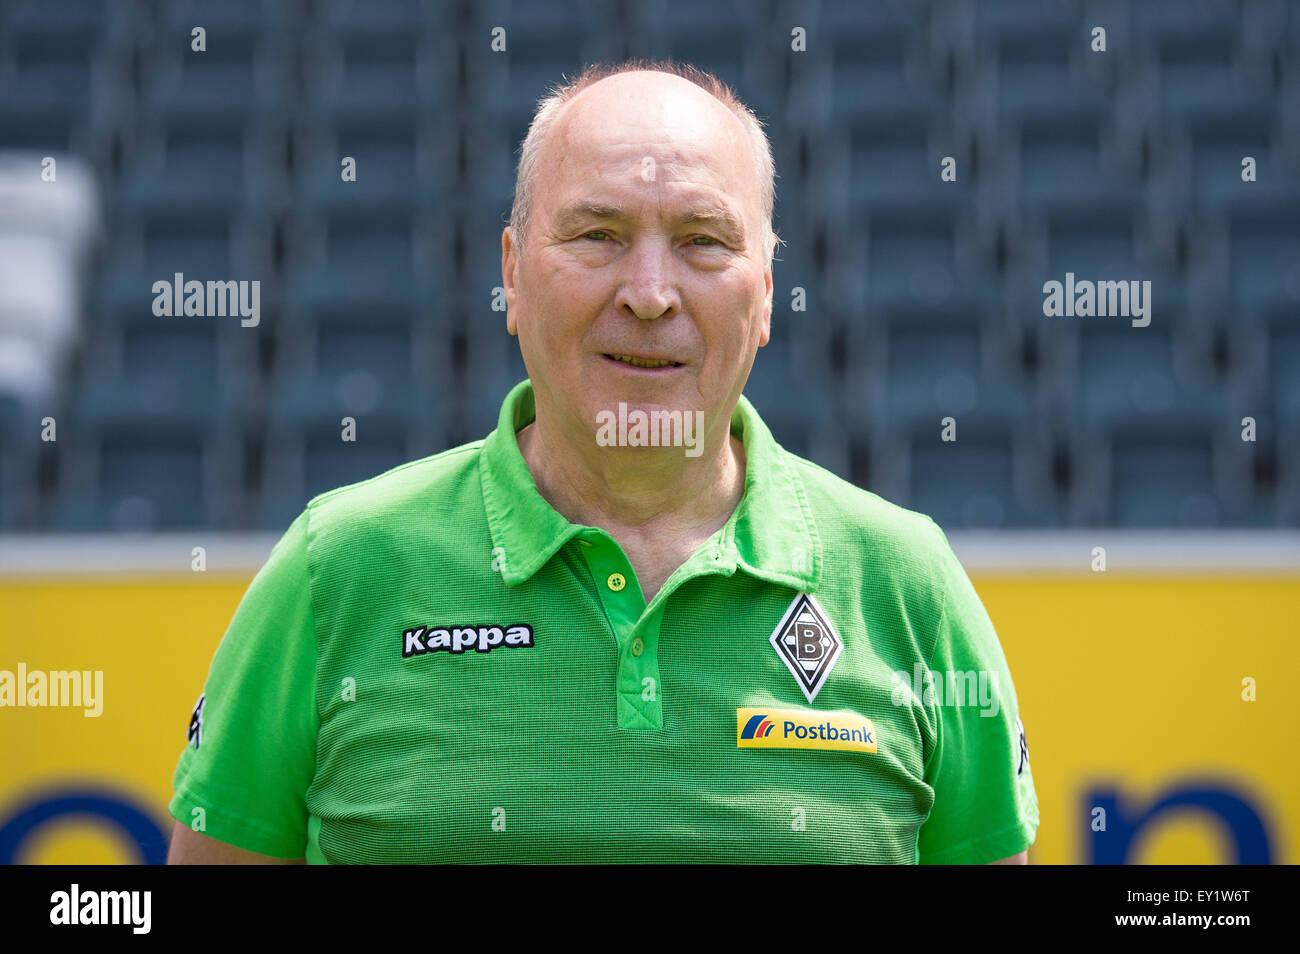 German Soccer Bundesliga 2015/16 - Photocall Borussia Moenchengladbach on 10 July 2015 in Moenchengladbach, Germany: - Stock Image